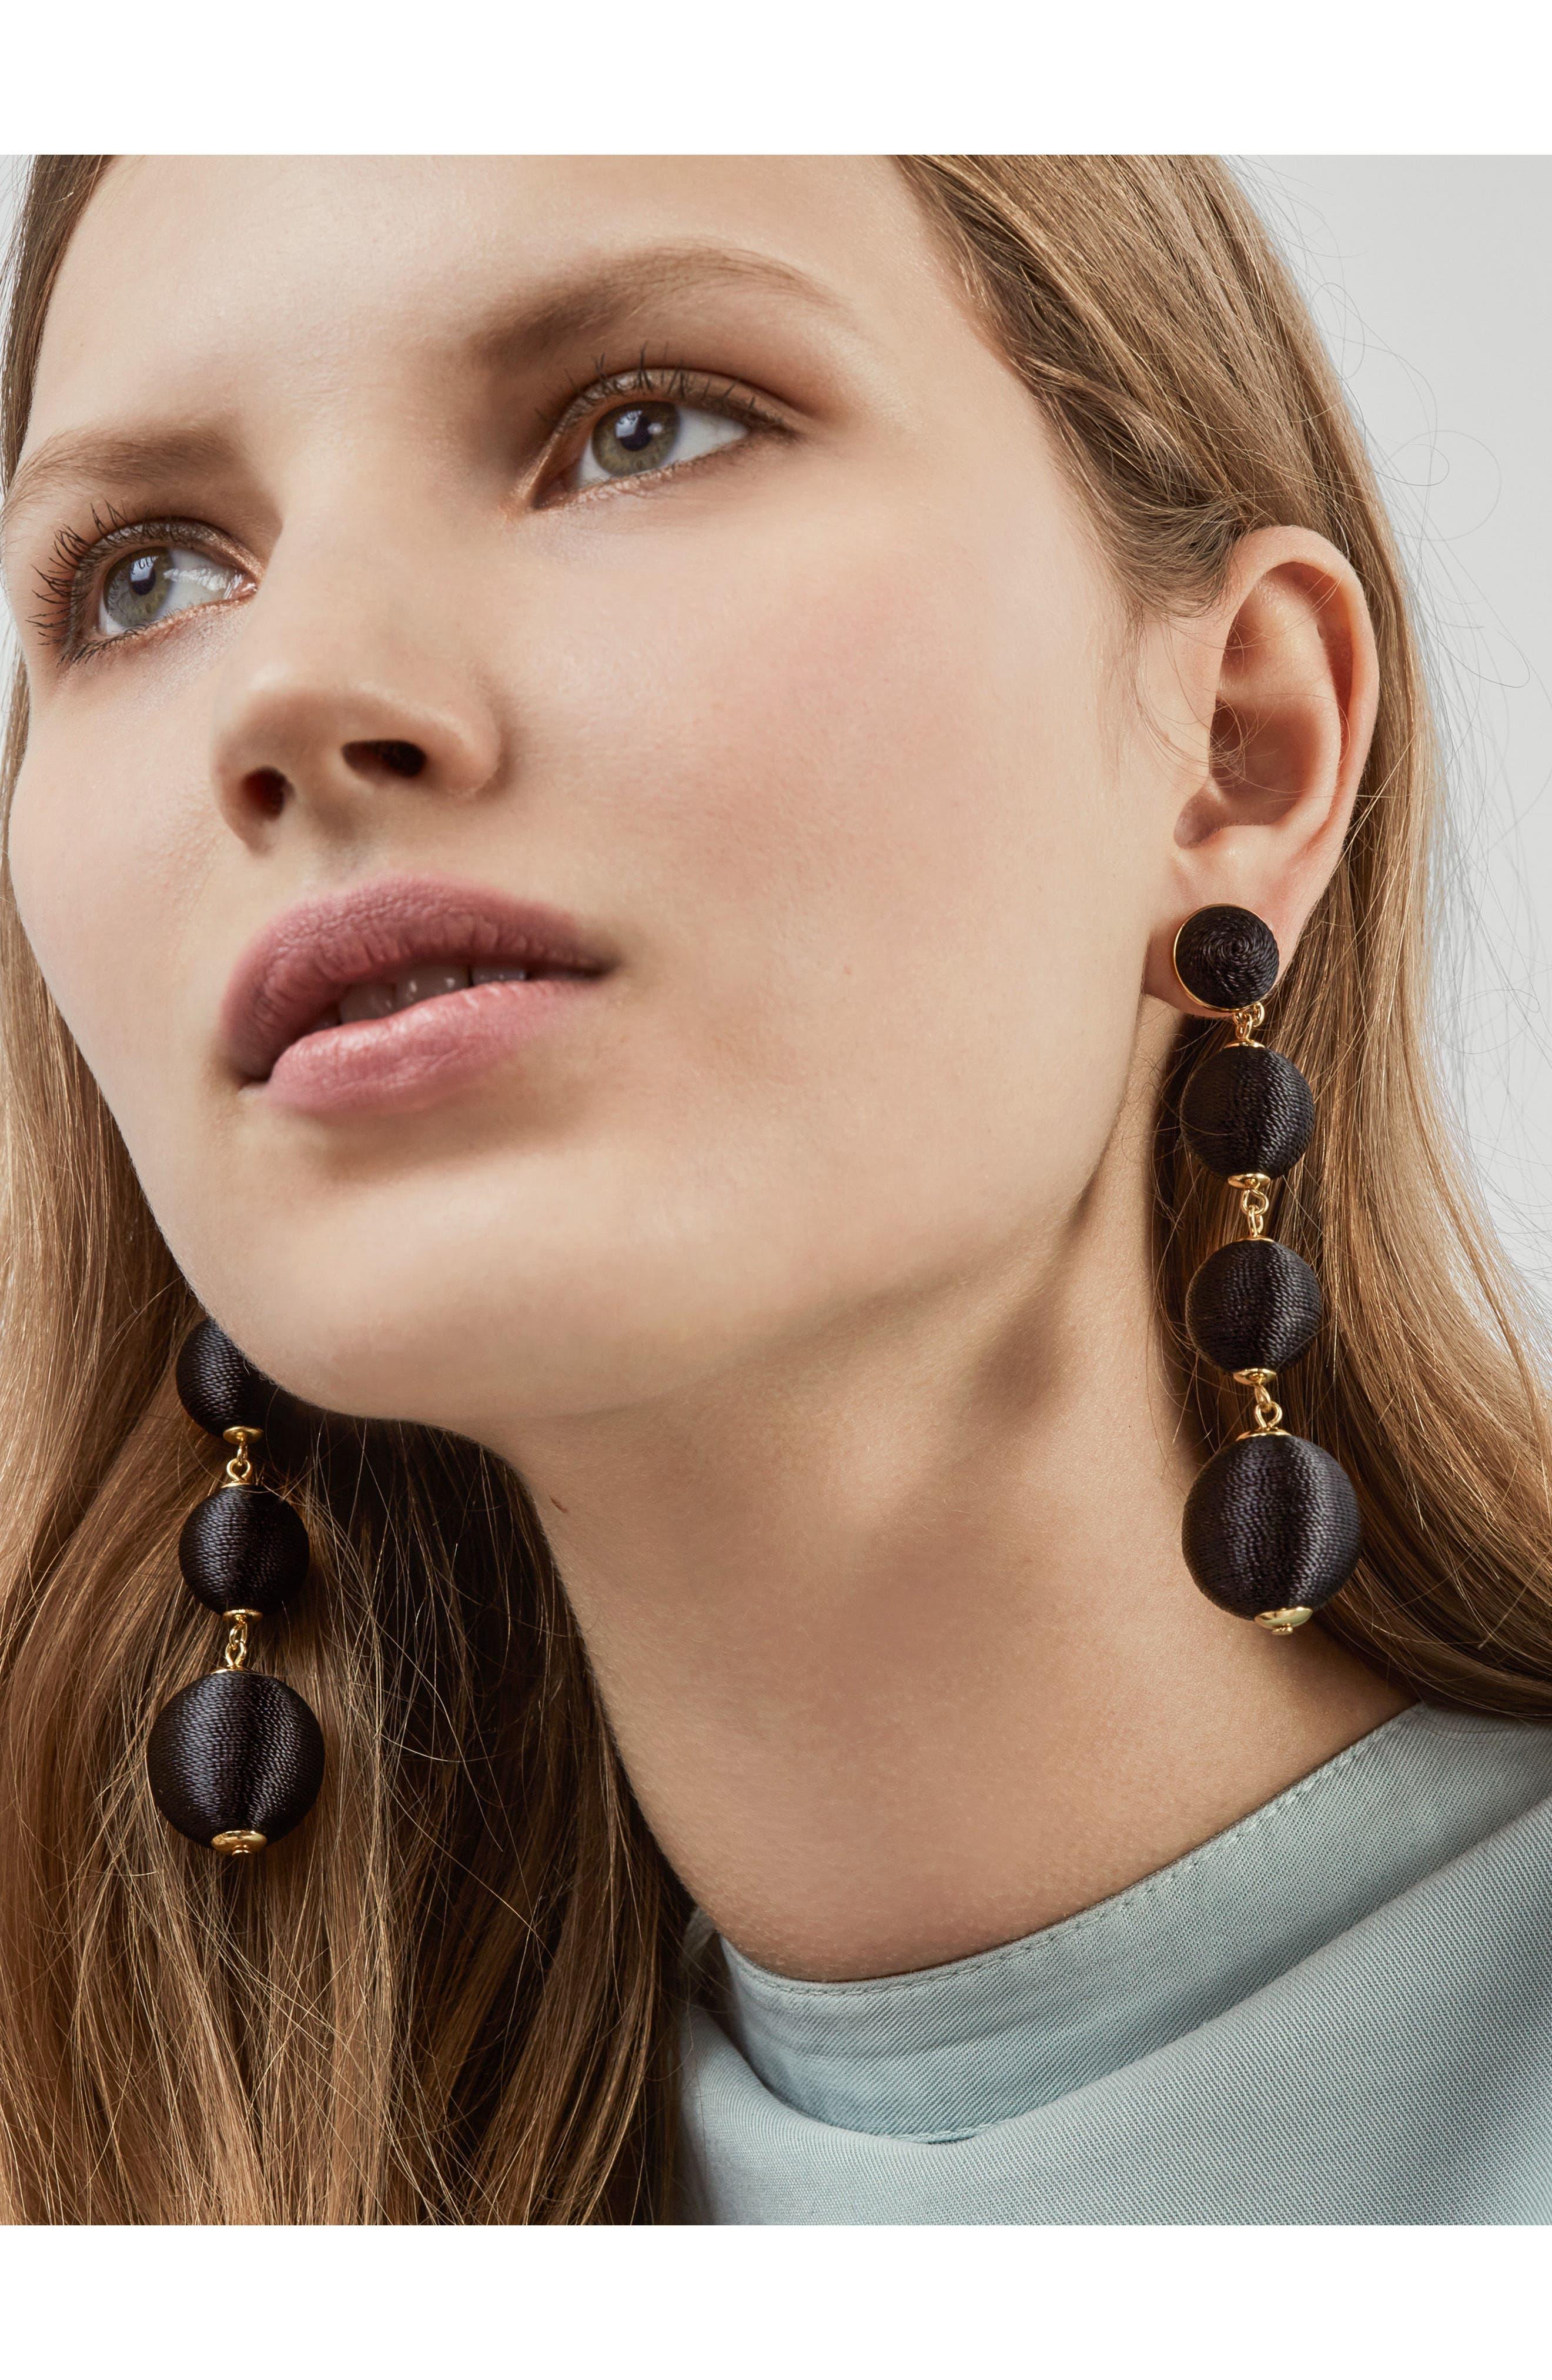 Criselda Ball Shoulder Duster Earrings,                             Alternate thumbnail 2, color,                             001